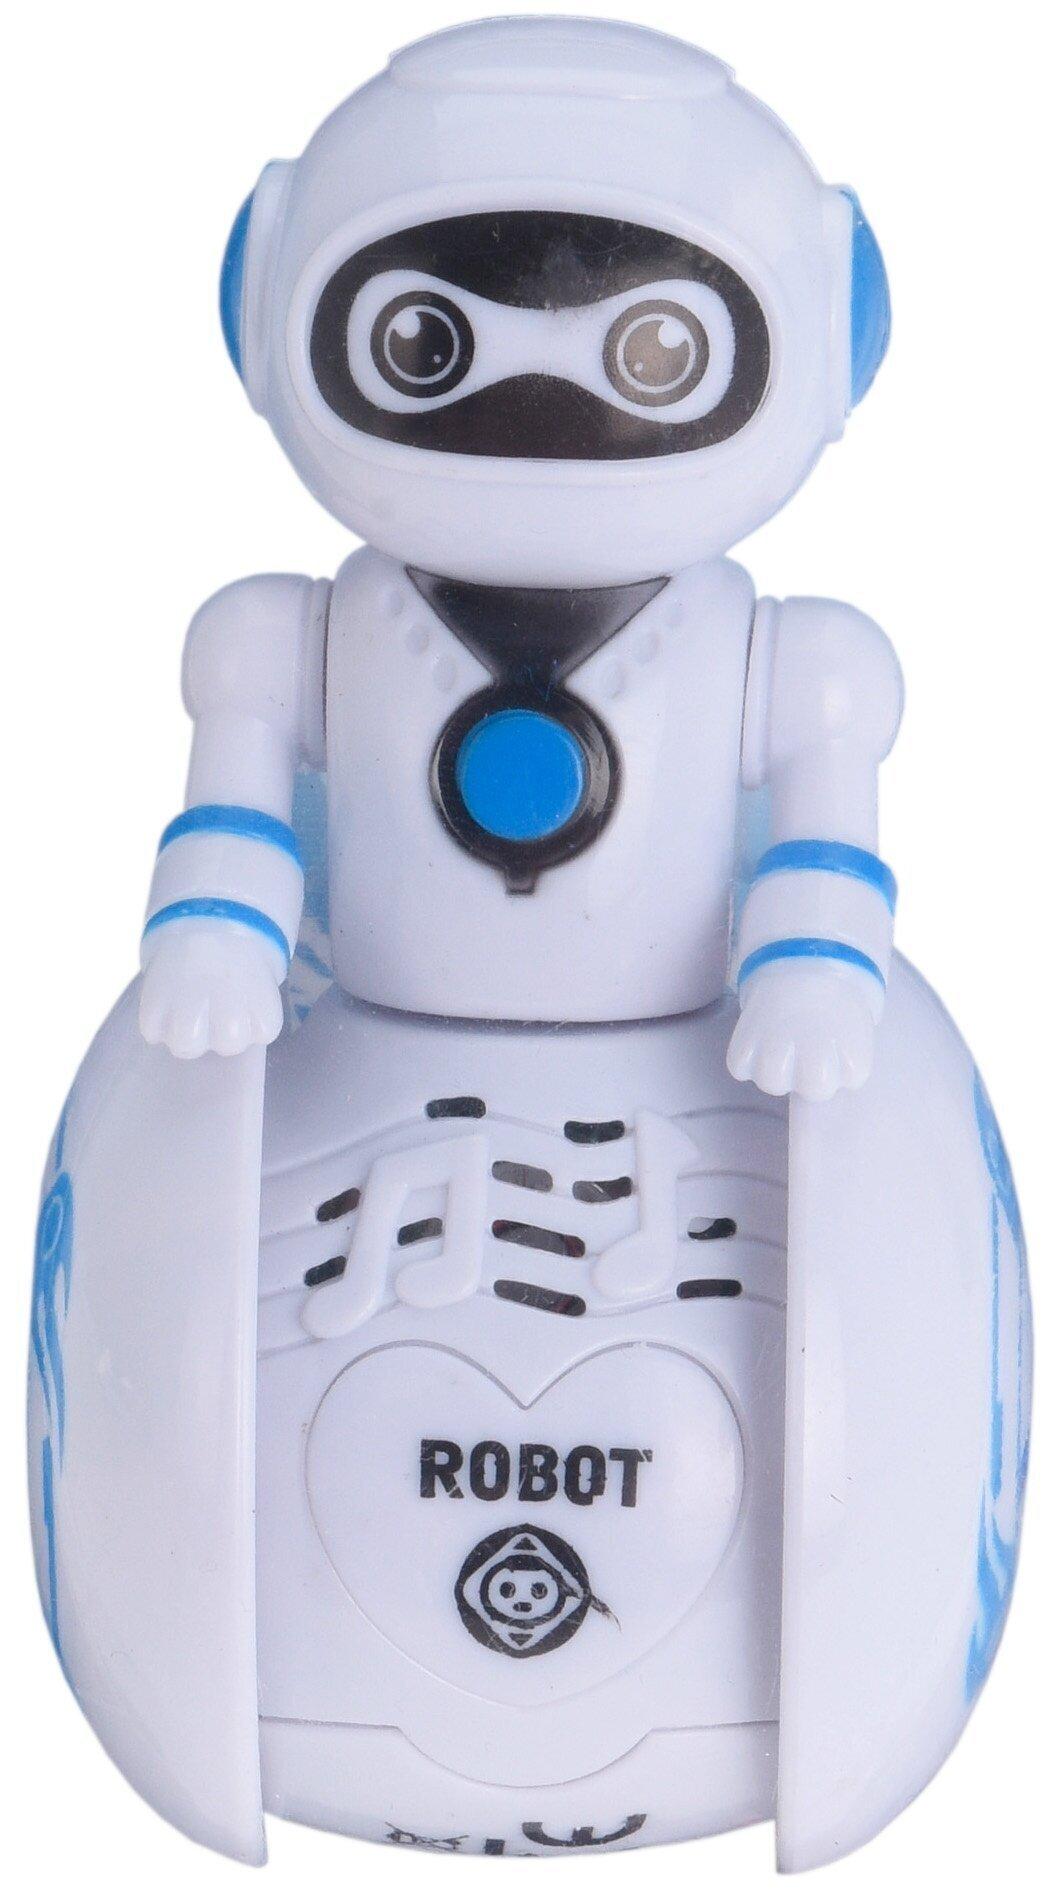 labākais bezmaksas robots kriptogrāfijas tirdzniecībā kriptovalūtu tirdzniecība vašingtonas štatā labākais veids, kā ieguldīt kriptovalūtā ilgtermiņā